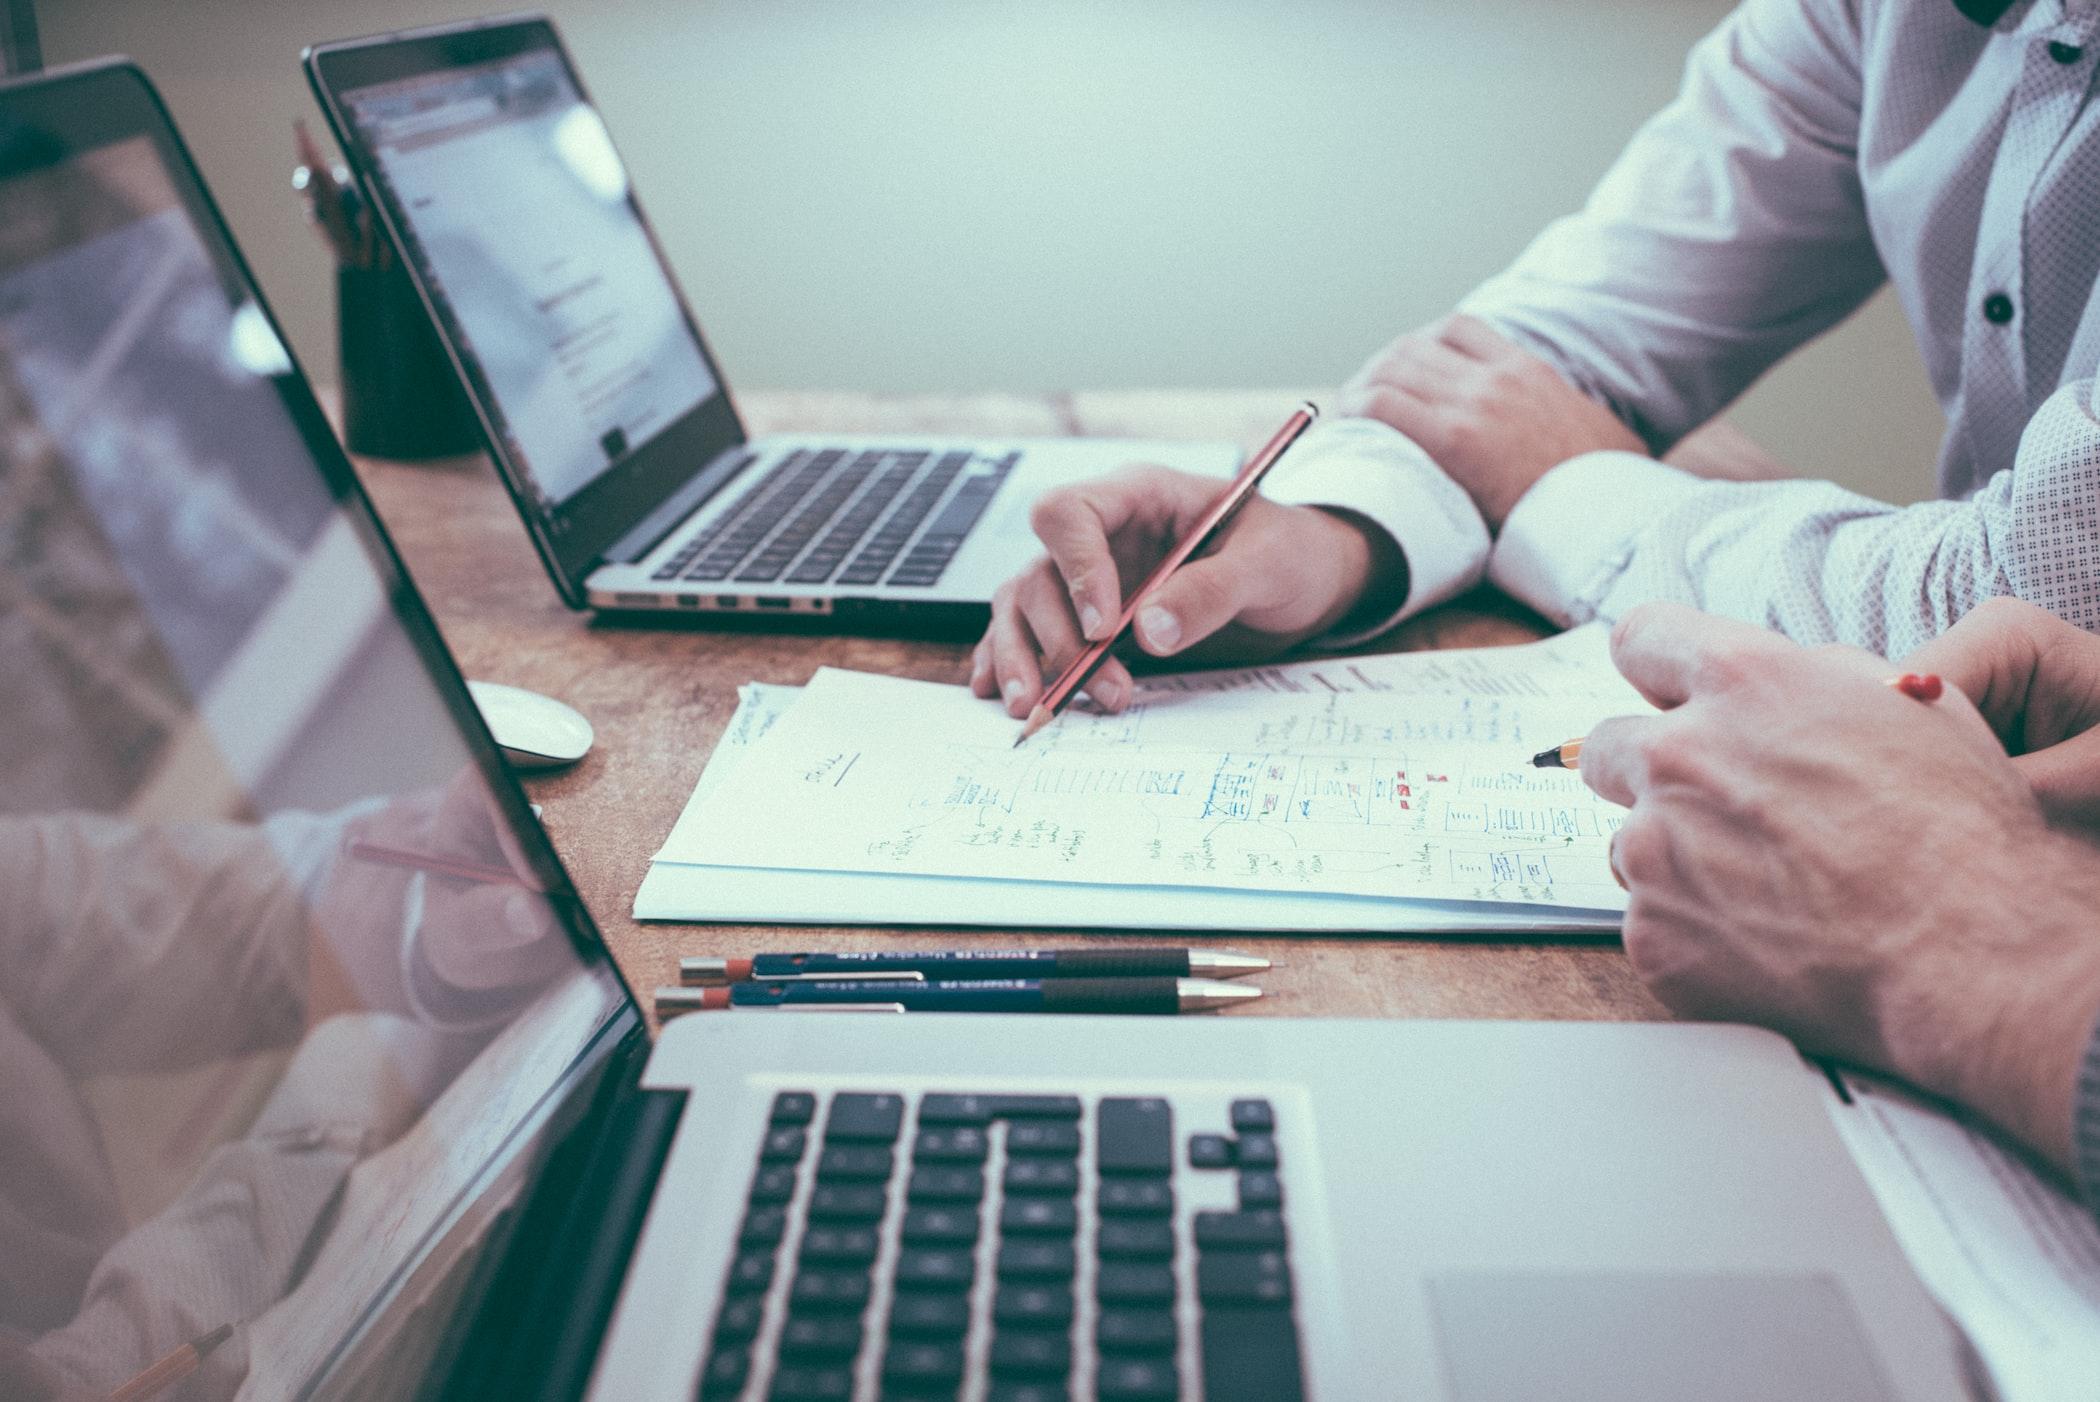 現代文の評論文の得点を上げるための効果的な勉強法『志望校の傾向分析』